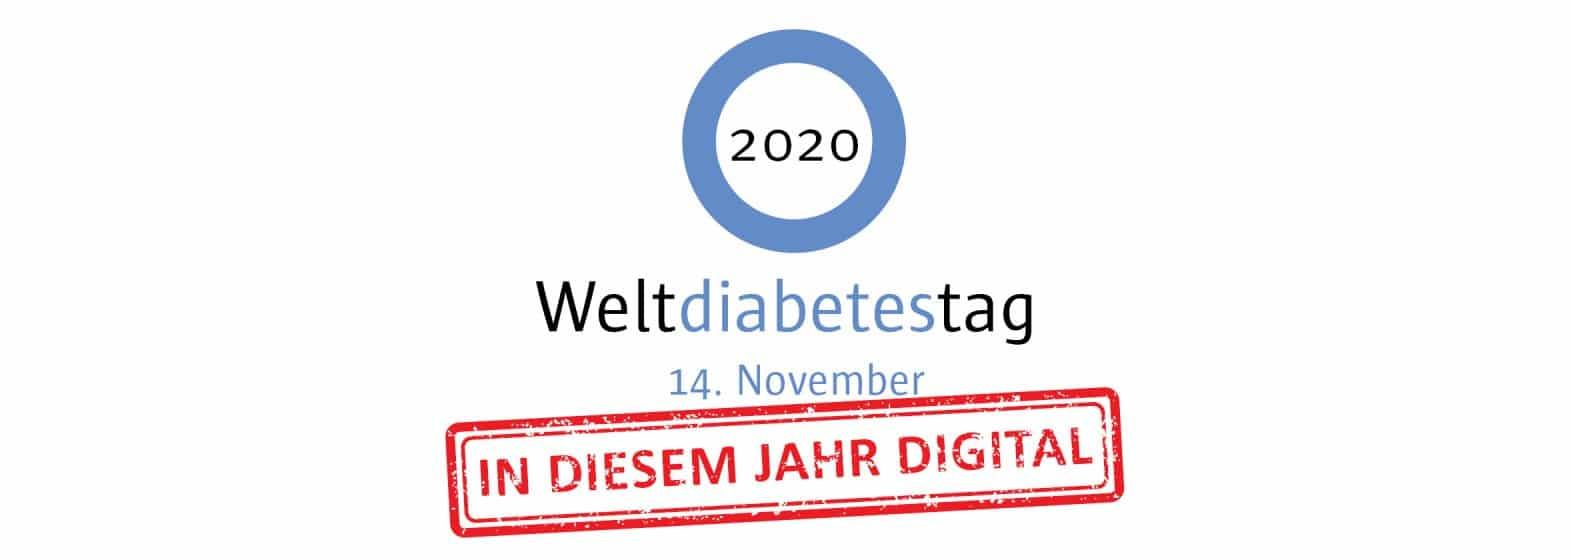 Risikogruppe schützen: Digitale Weltdiabetestag-Patientenveranstaltung 2020!